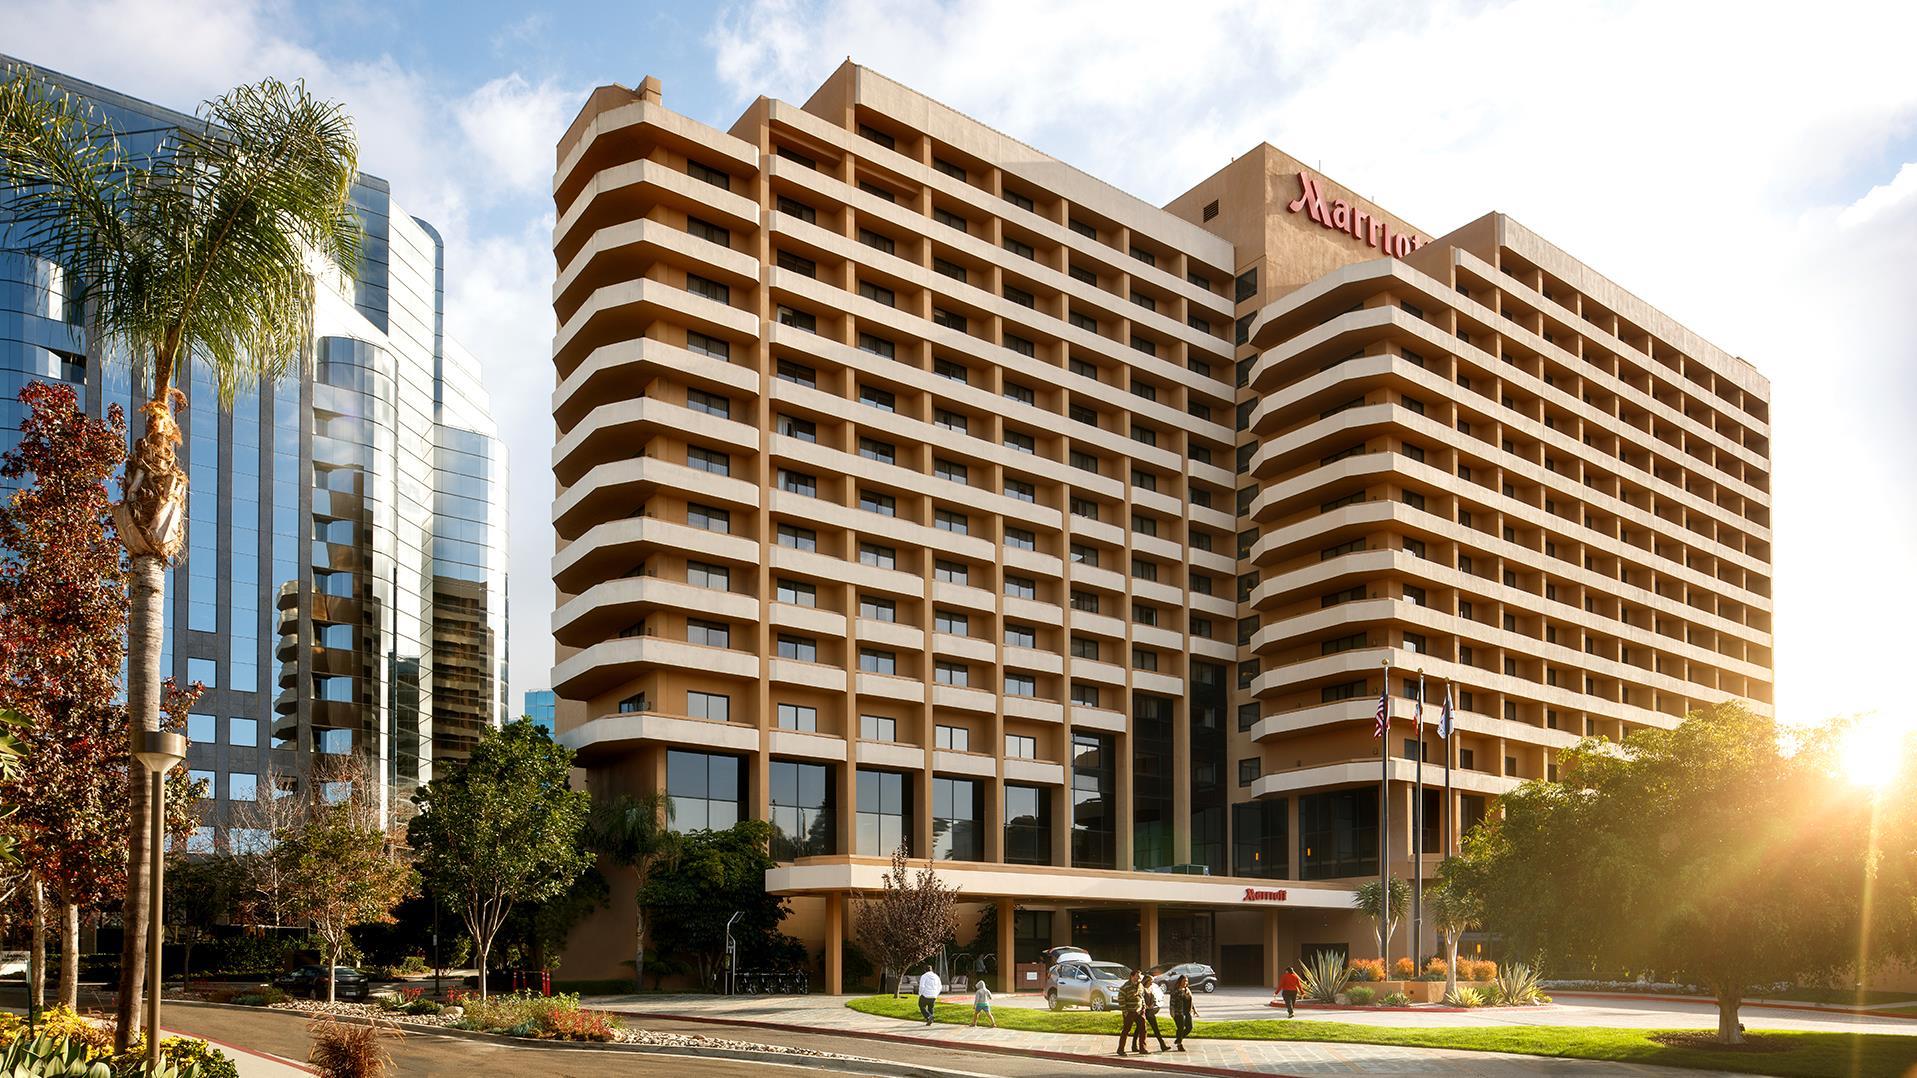 Meetings And Events At San Diego Marriott La Jolla La Jolla Ca Us